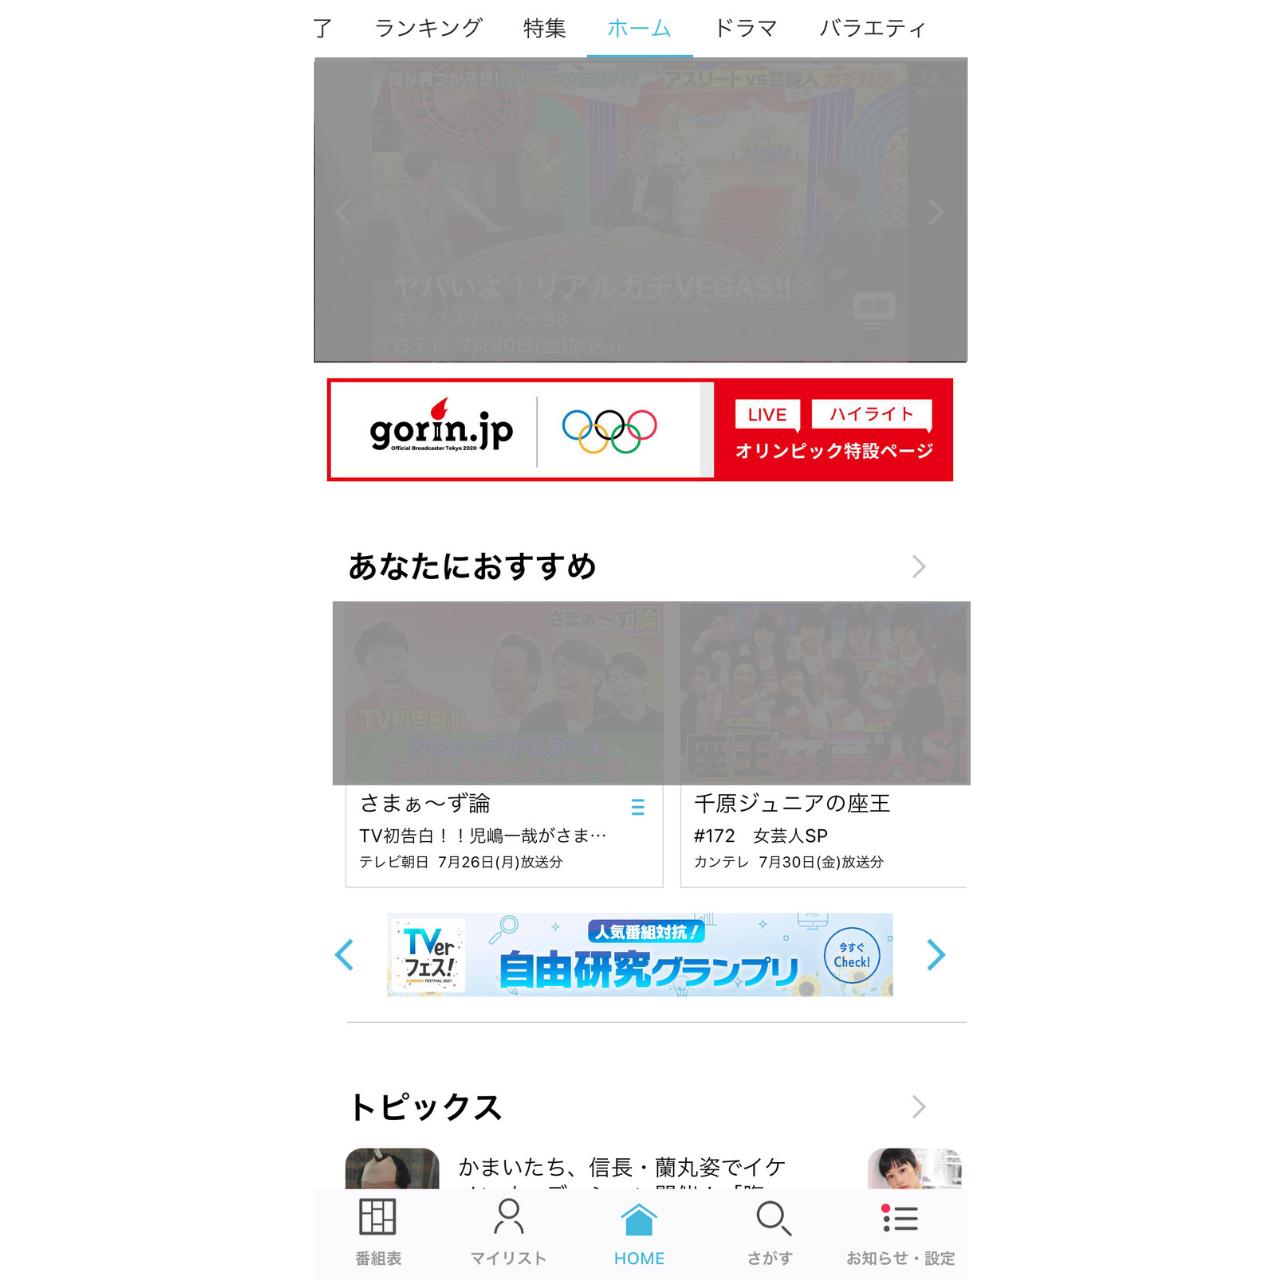 TVerアプリのホーム画面